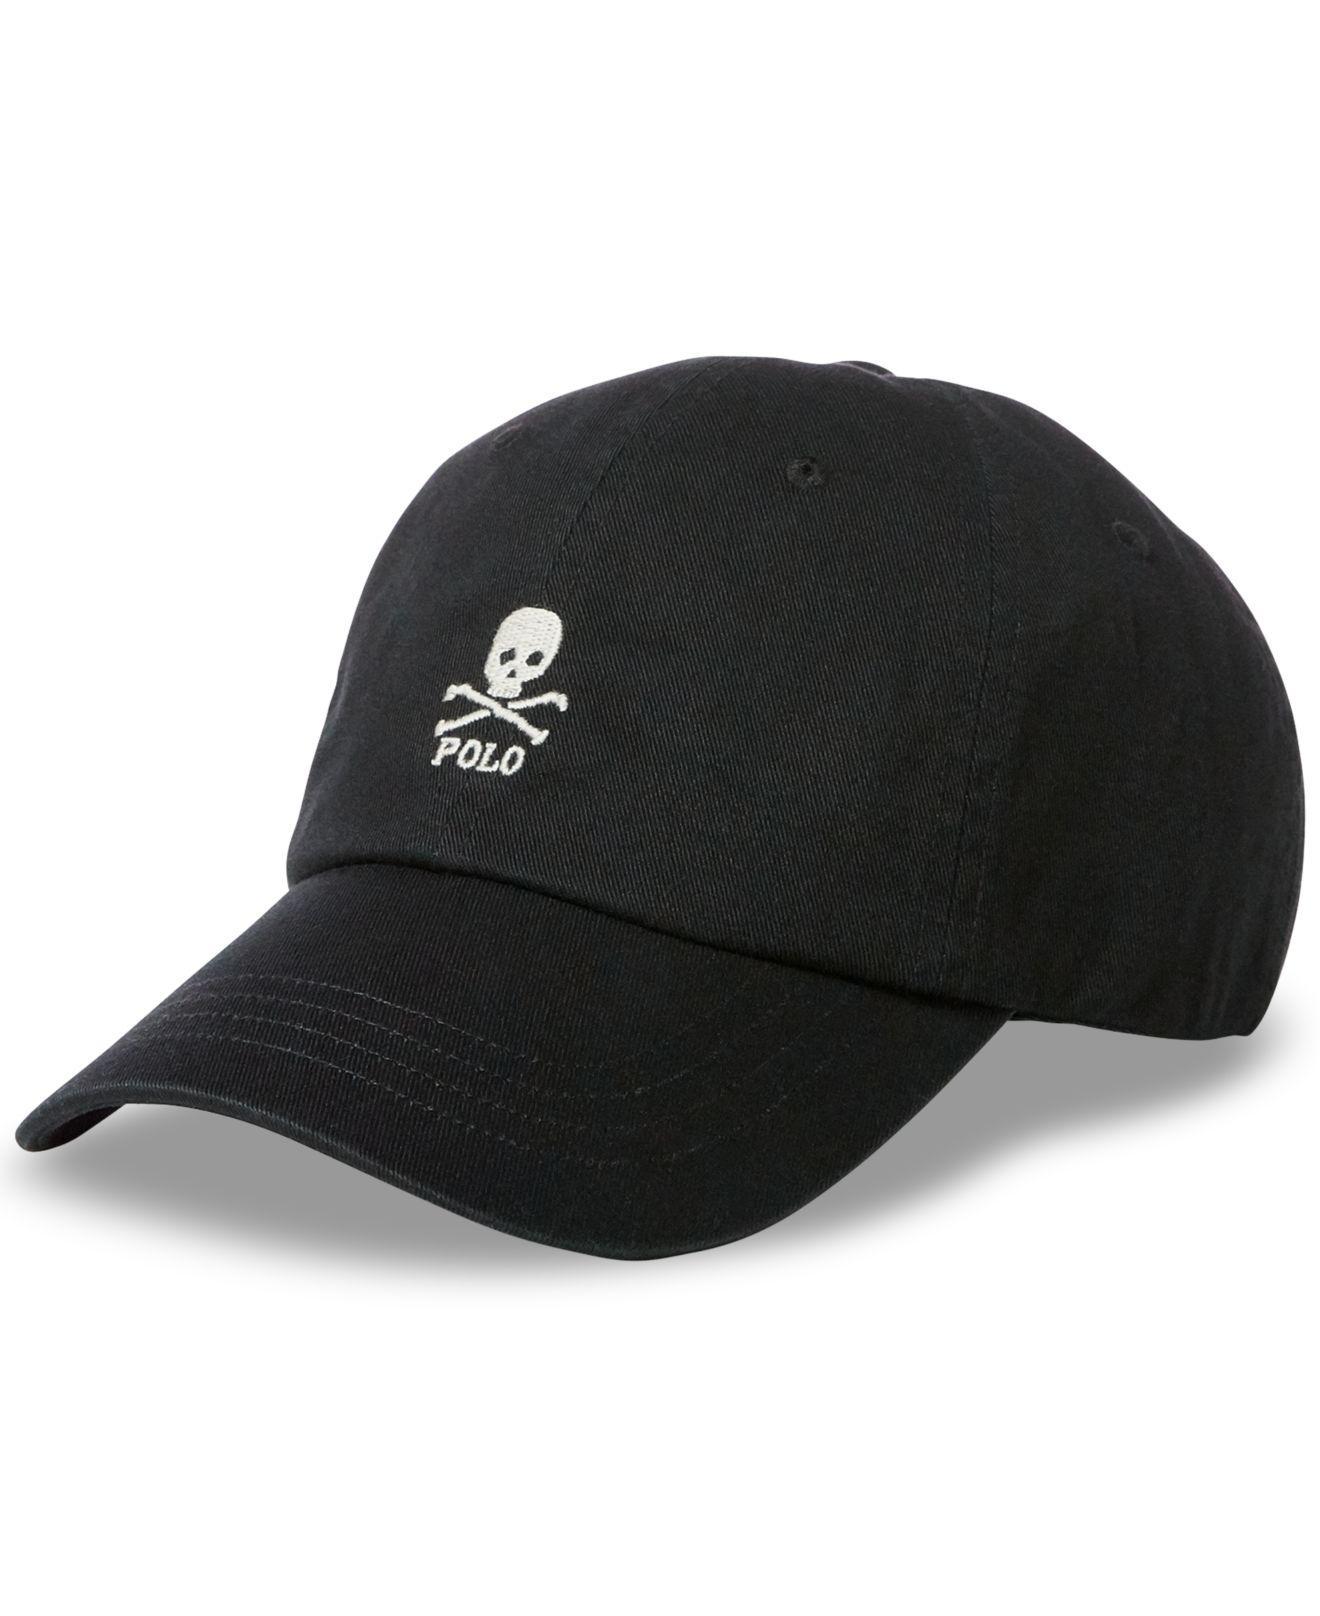 f1ab7e5b Polo Ralph Lauren Embroidered Skull Baseball Cap in Black for Men - Lyst